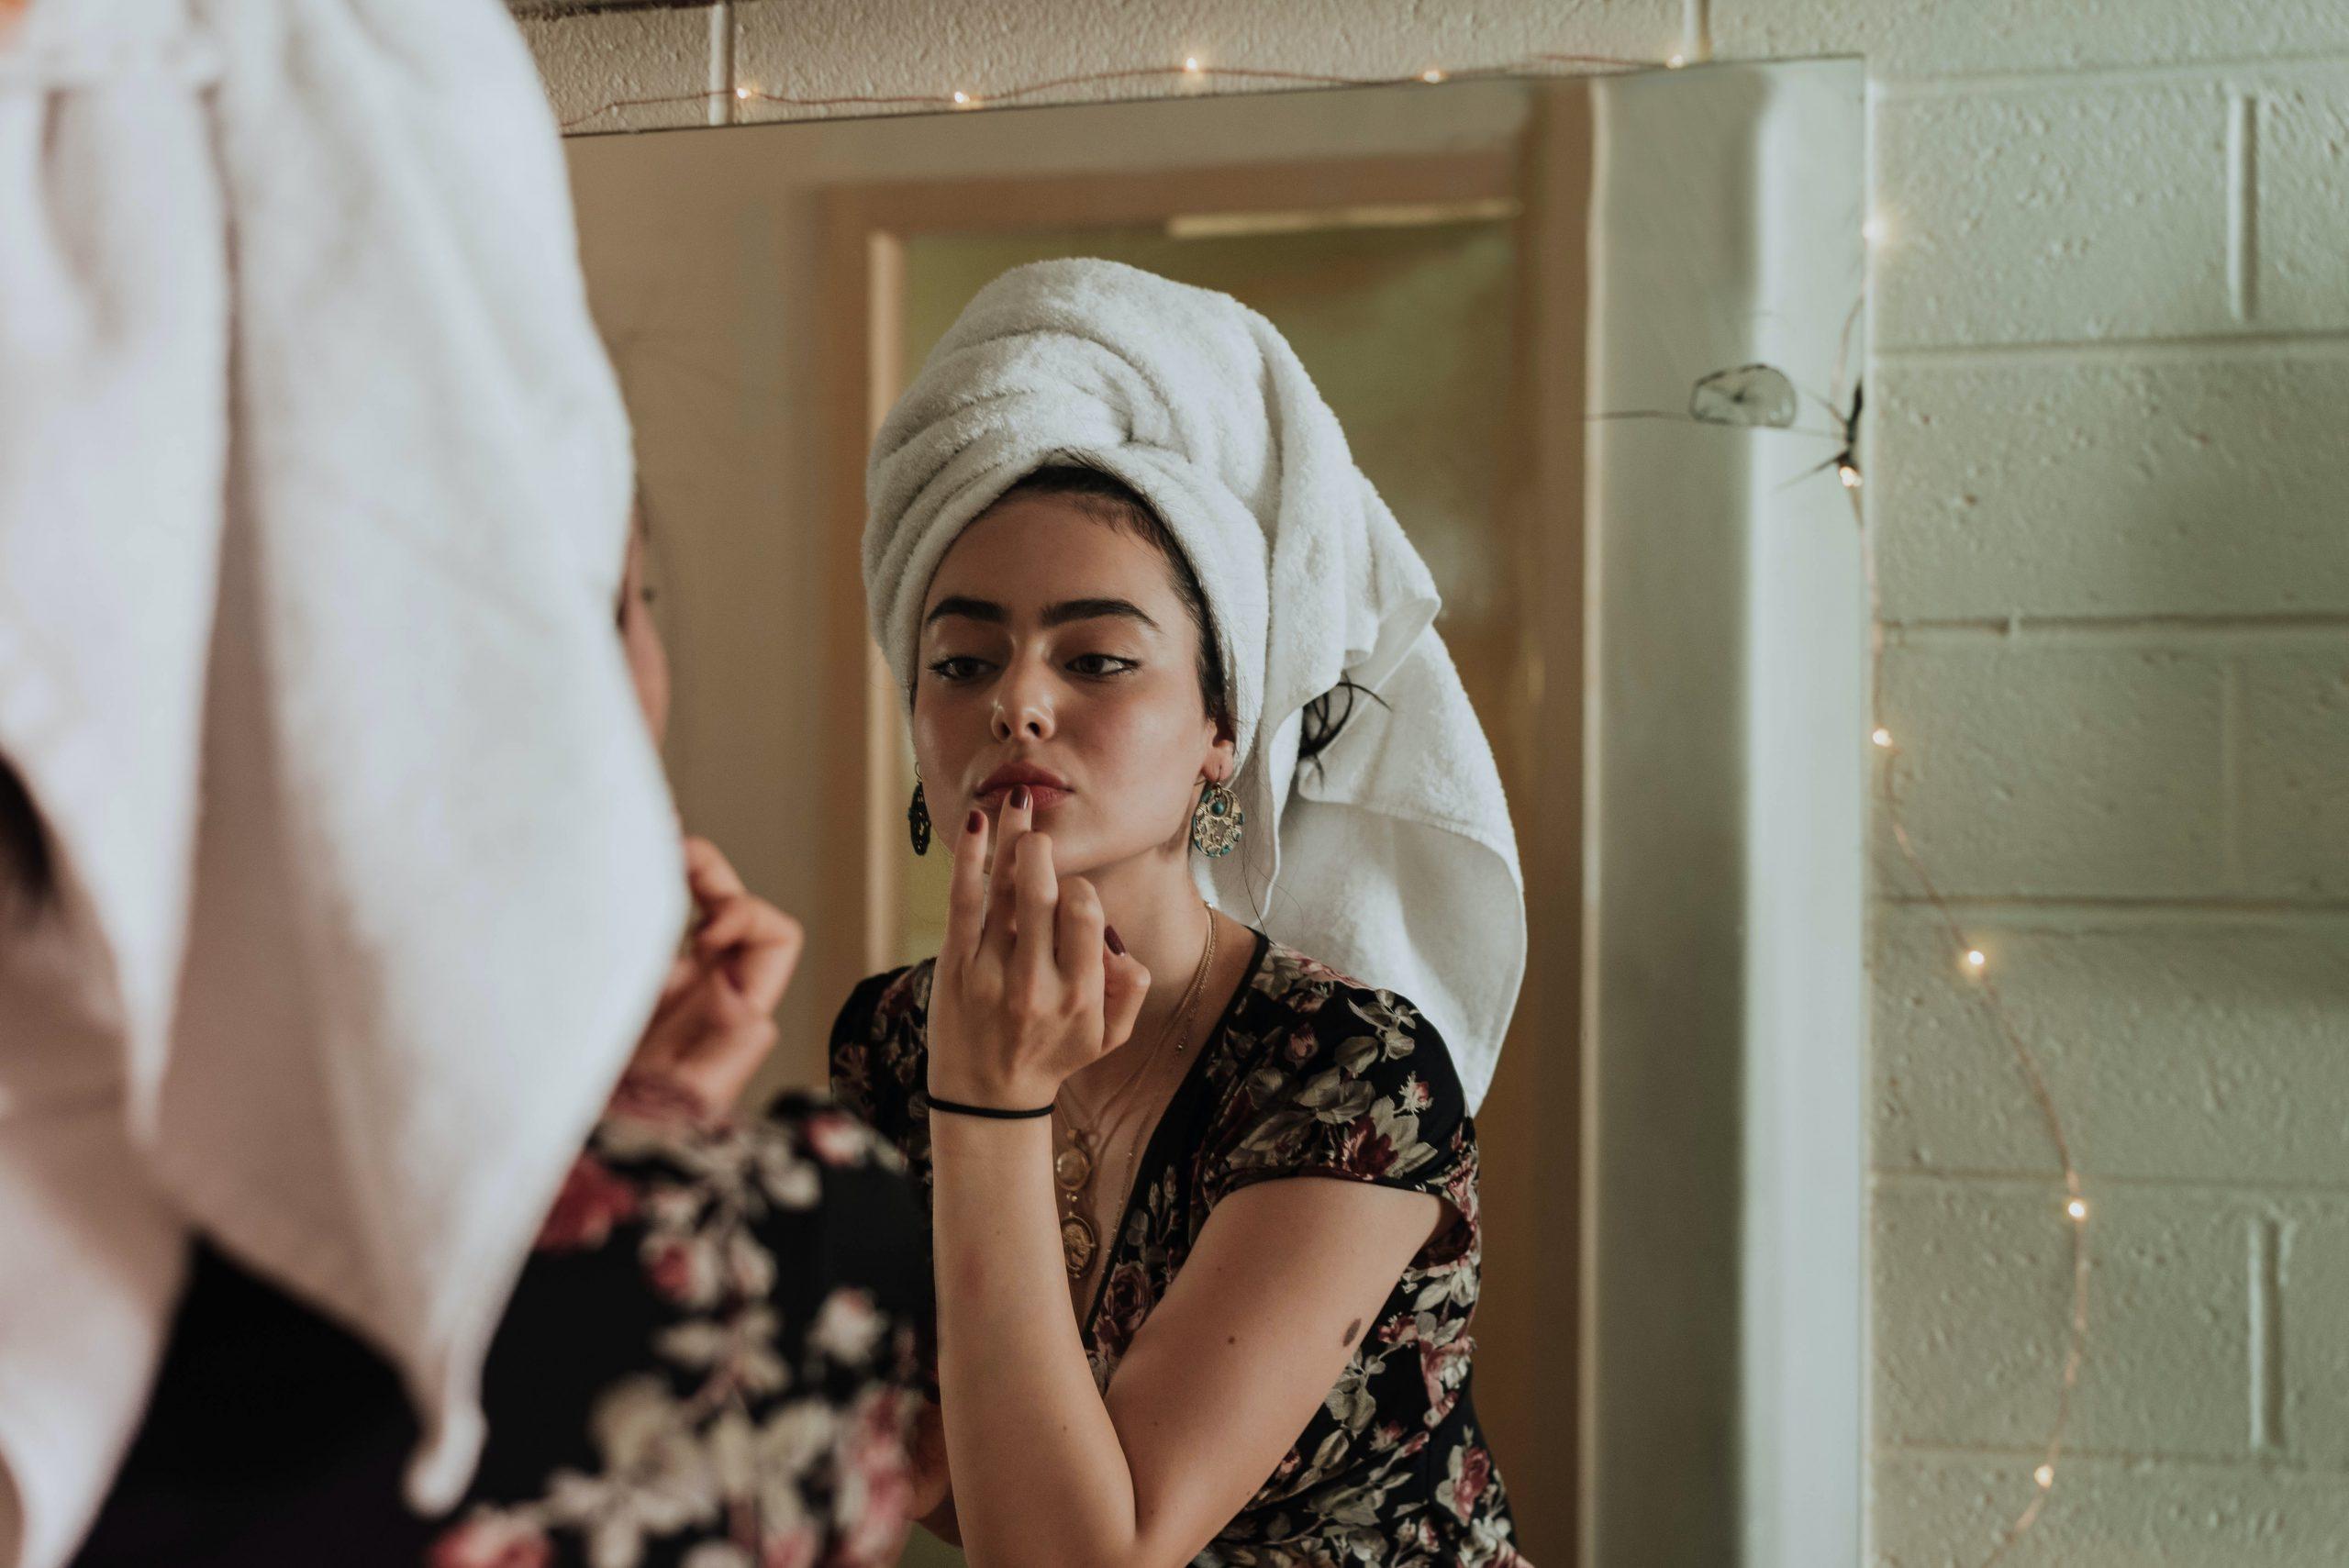 woman wearing towel on head looking in mirror, beauty